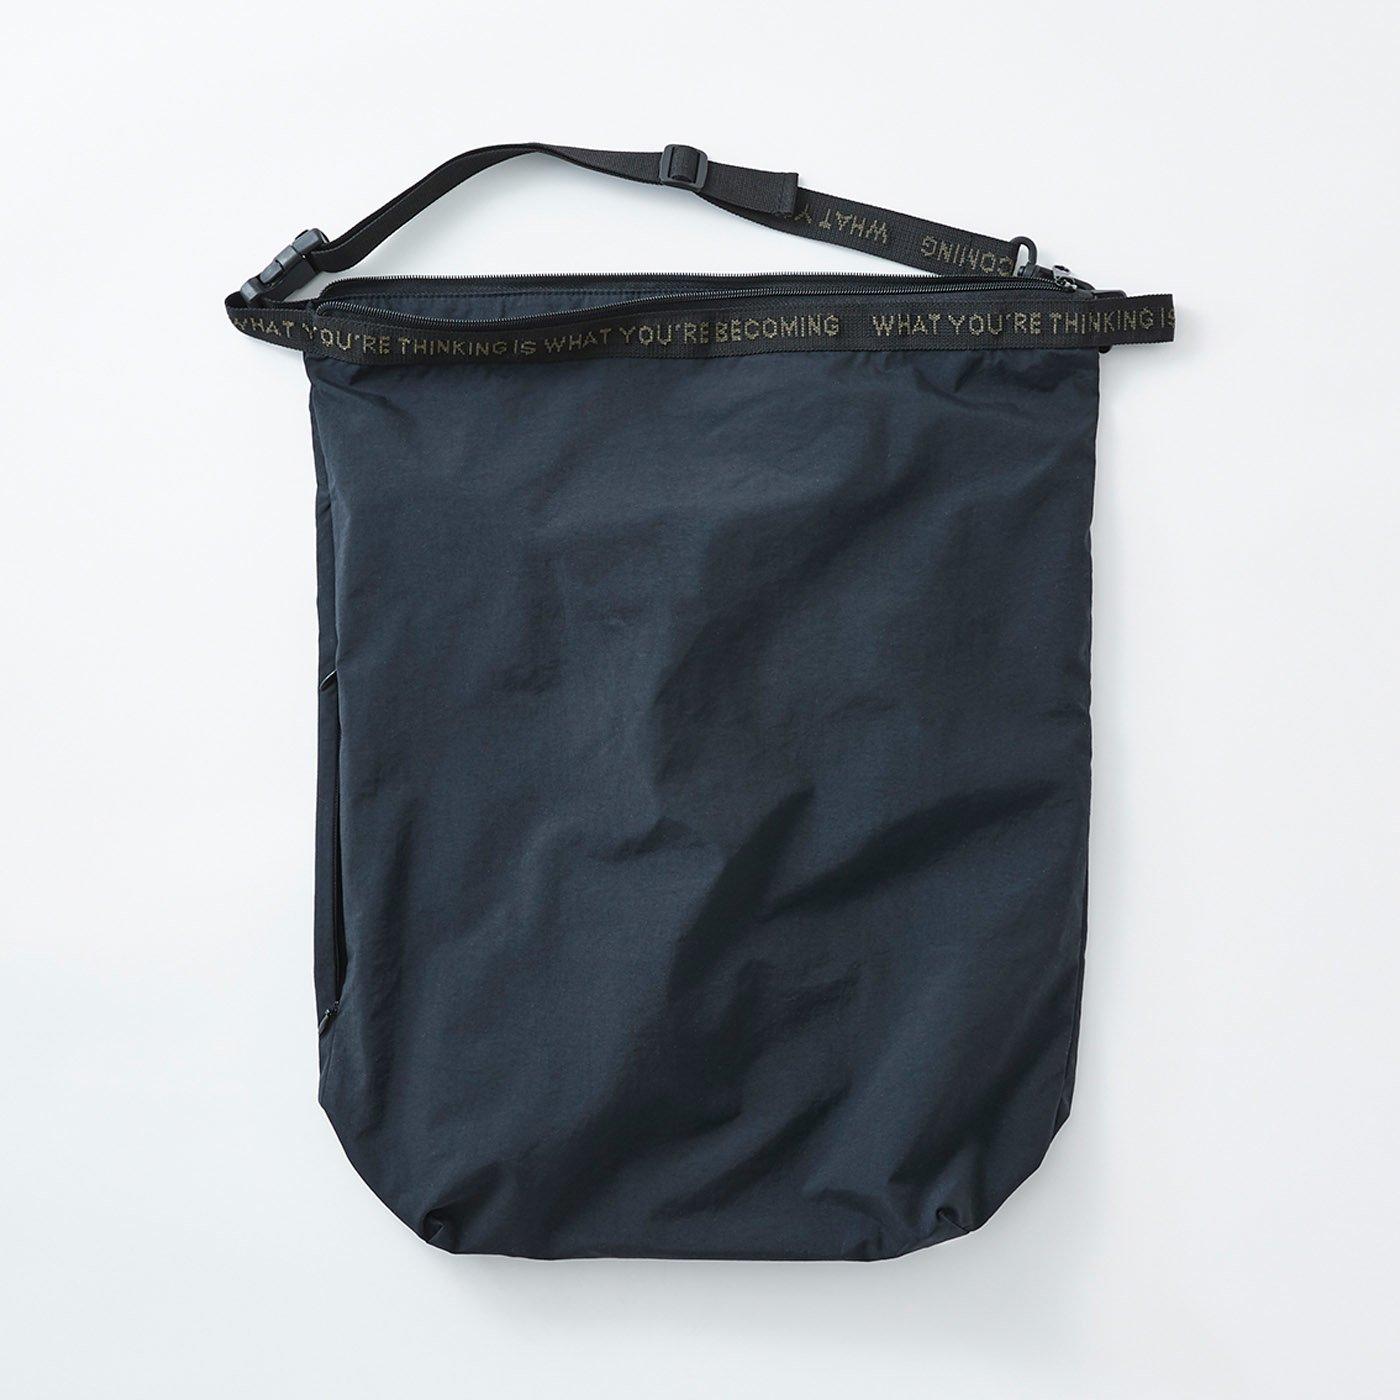 SUBLIME ラップバッグ〈ブラック〉